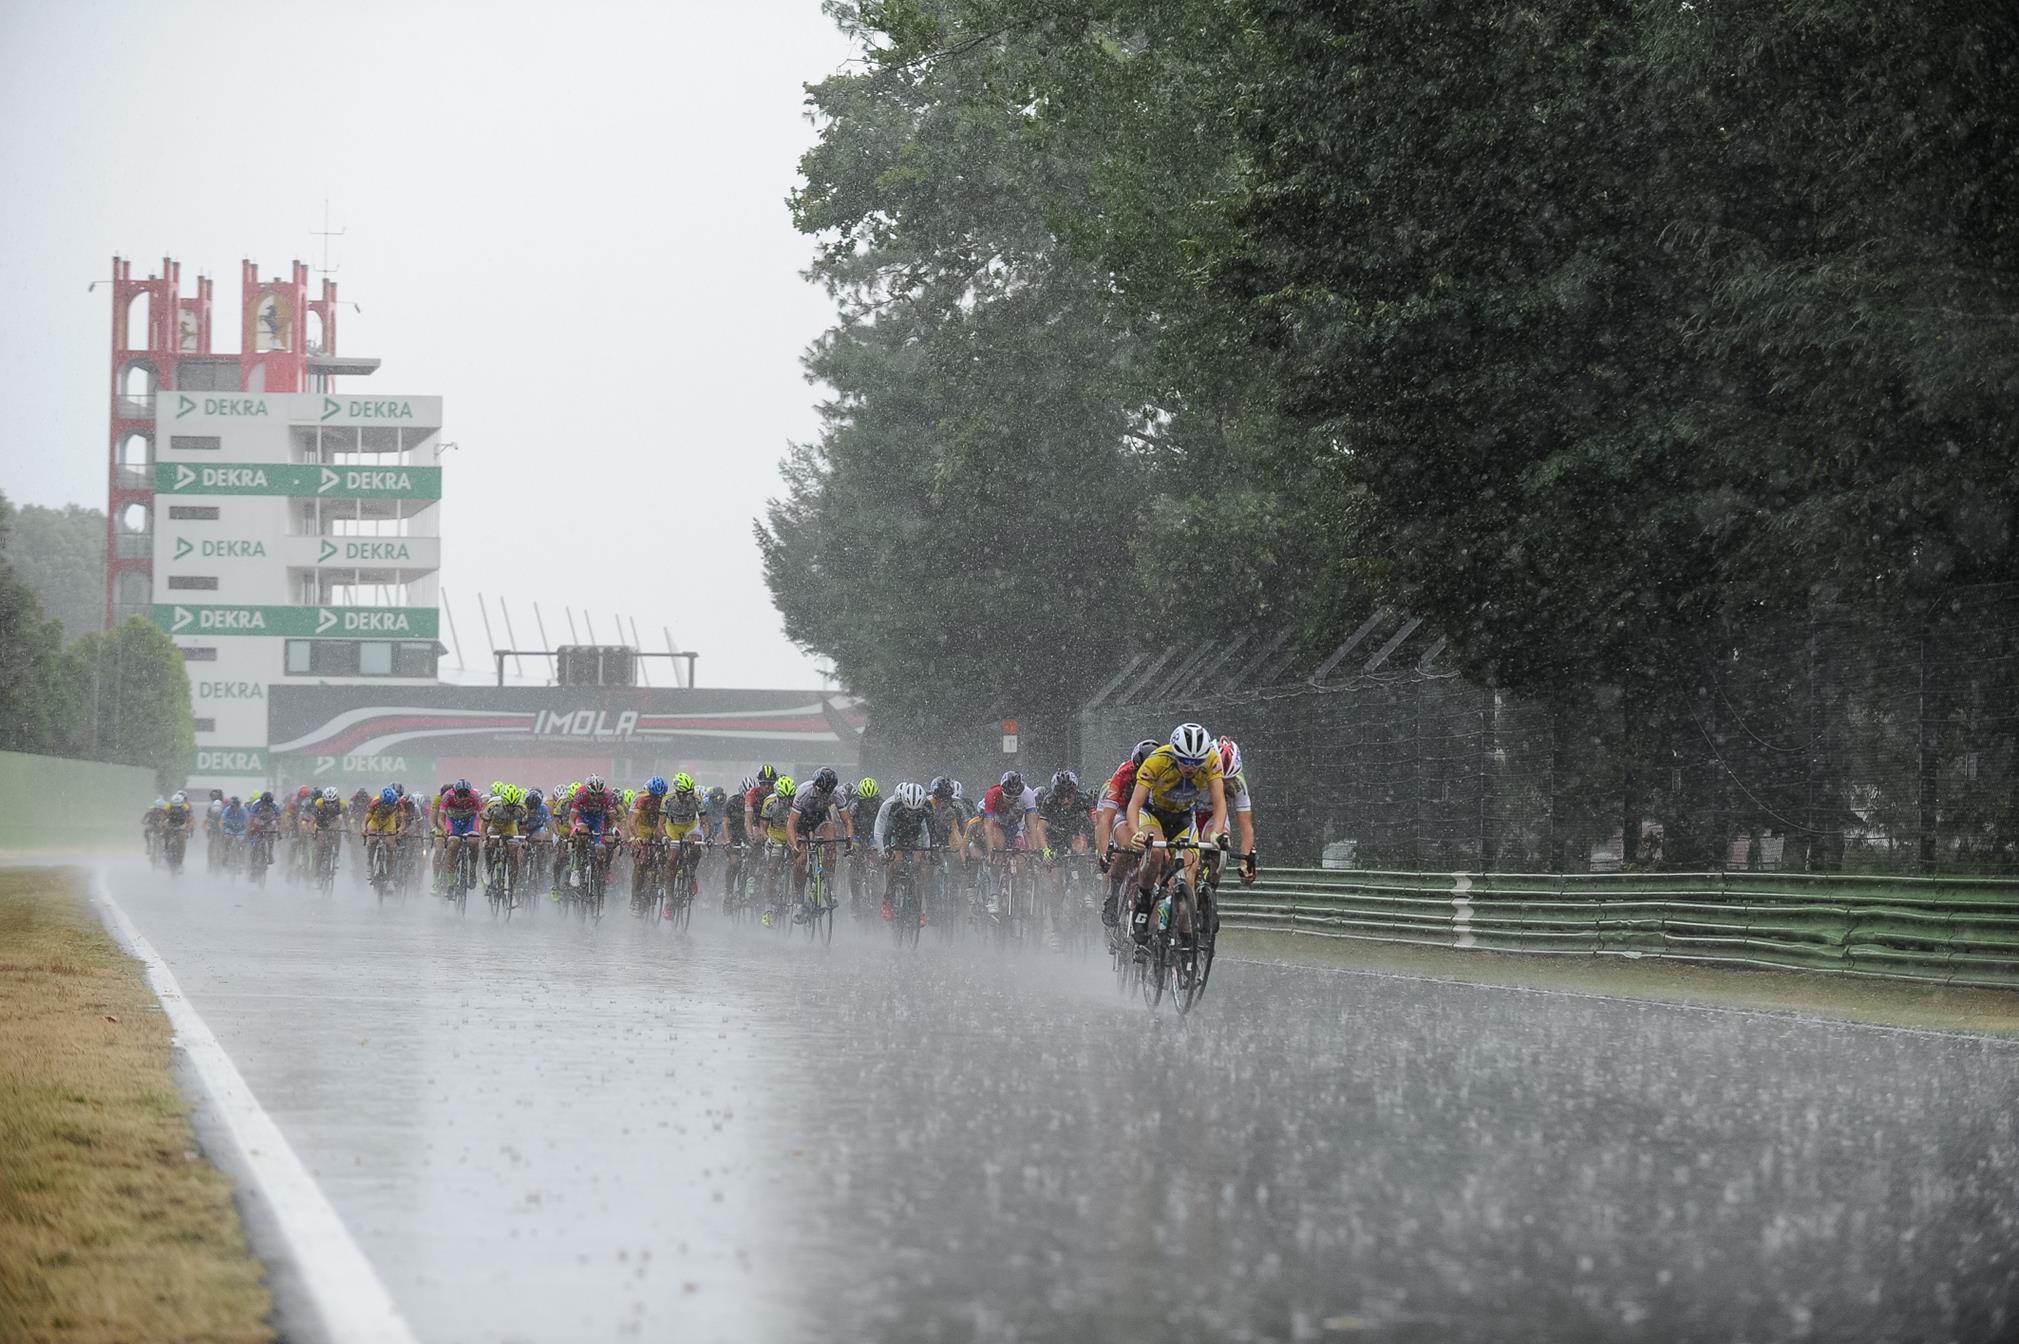 Uno dei passaggi sotto la pioggia all'Autodromo di Imola